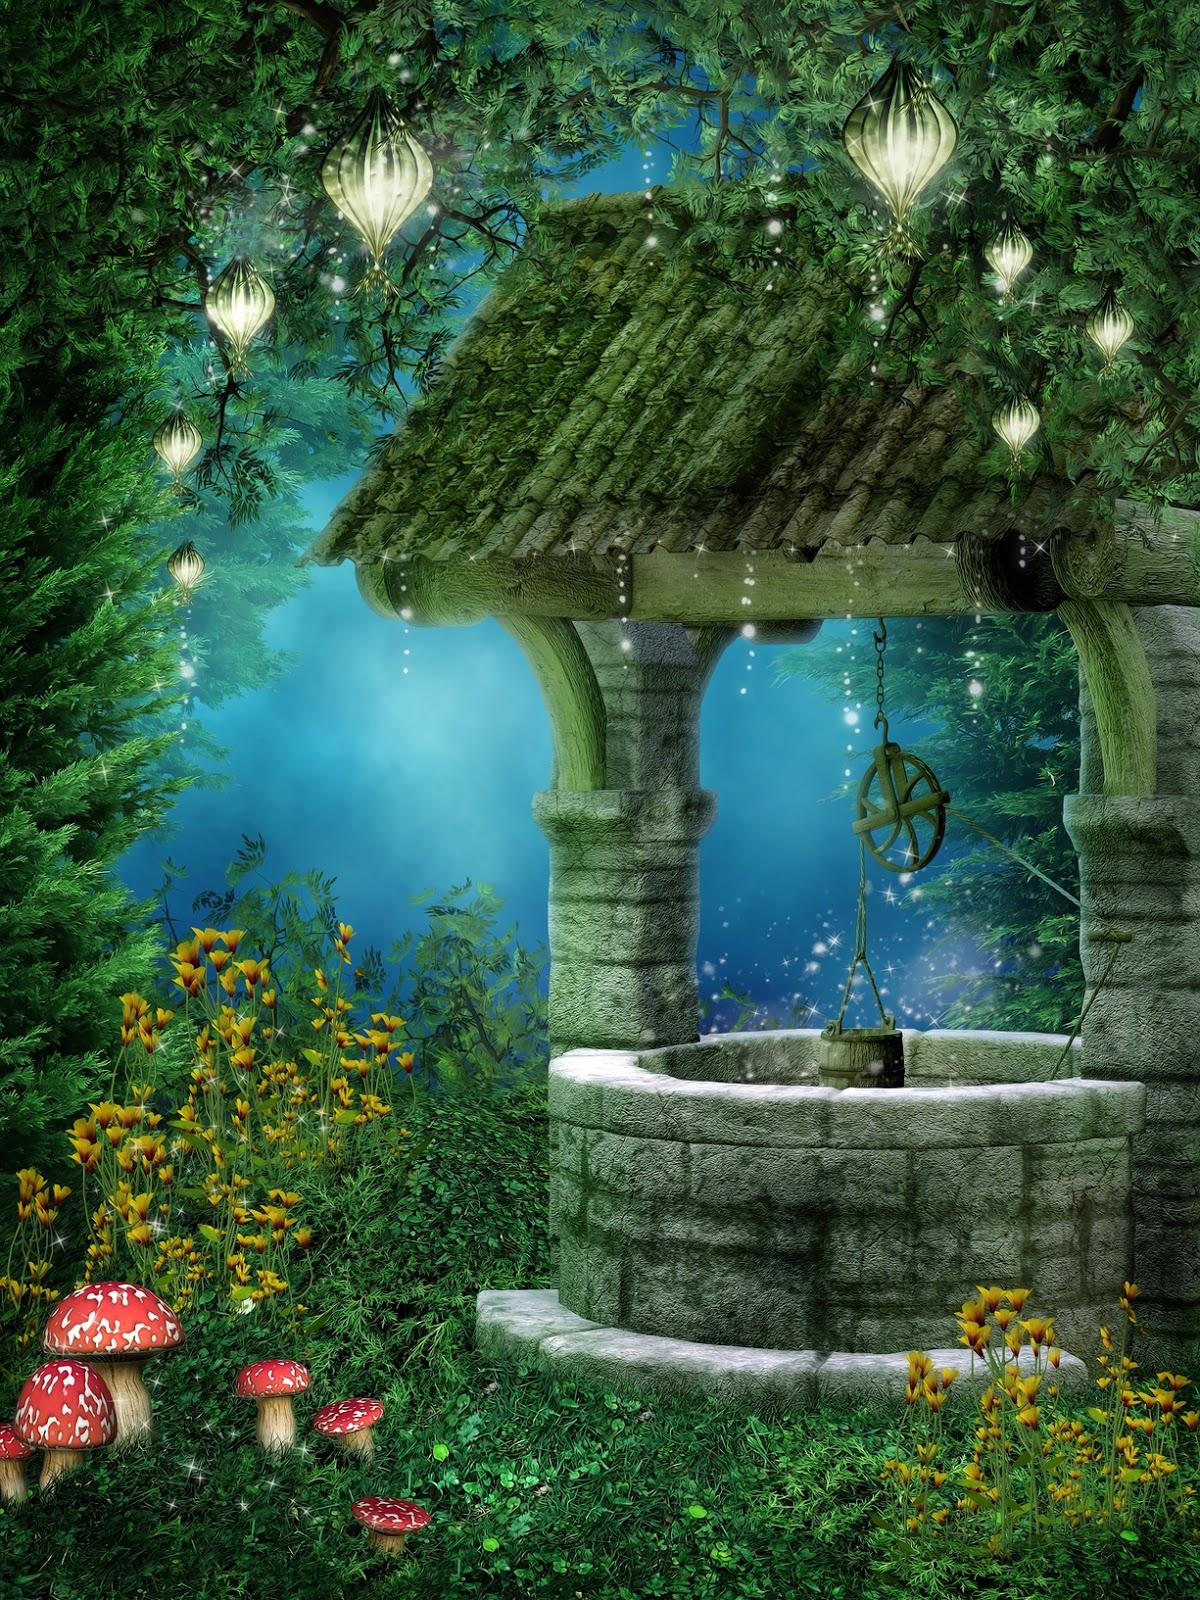 &&&&Un mundo de fantasia y ilusion&&&& 1-+im%C3%A1genes+fant%C3%A1sticas+-+fotos+de+fantas%C3%ADa+-+fantasy+free+photos+(2)